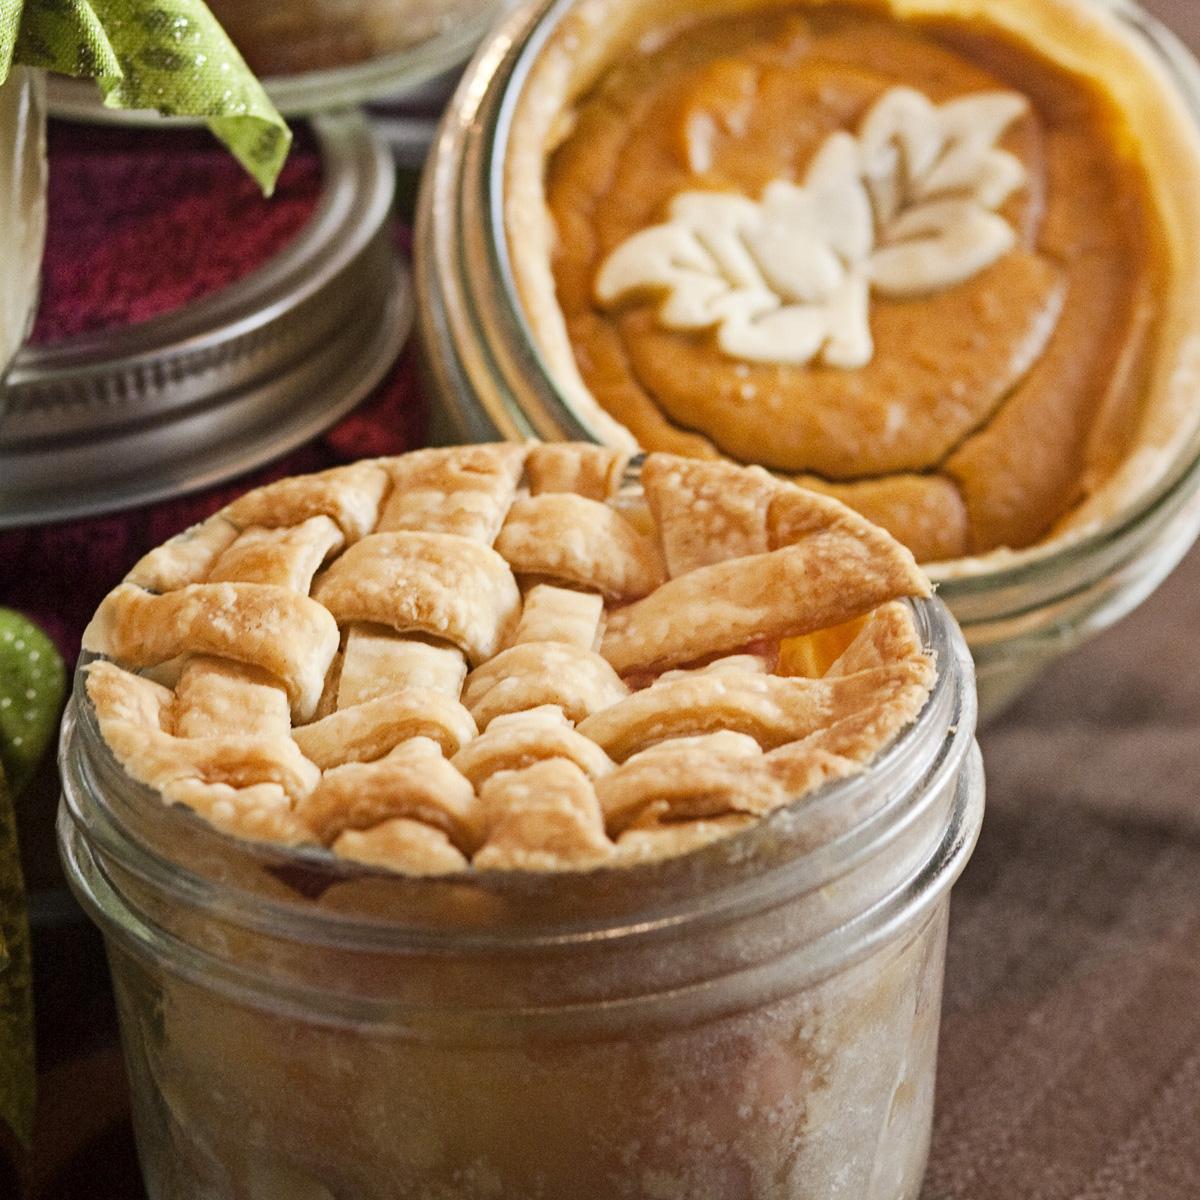 Pie in a Jar - The Nerd's Wife